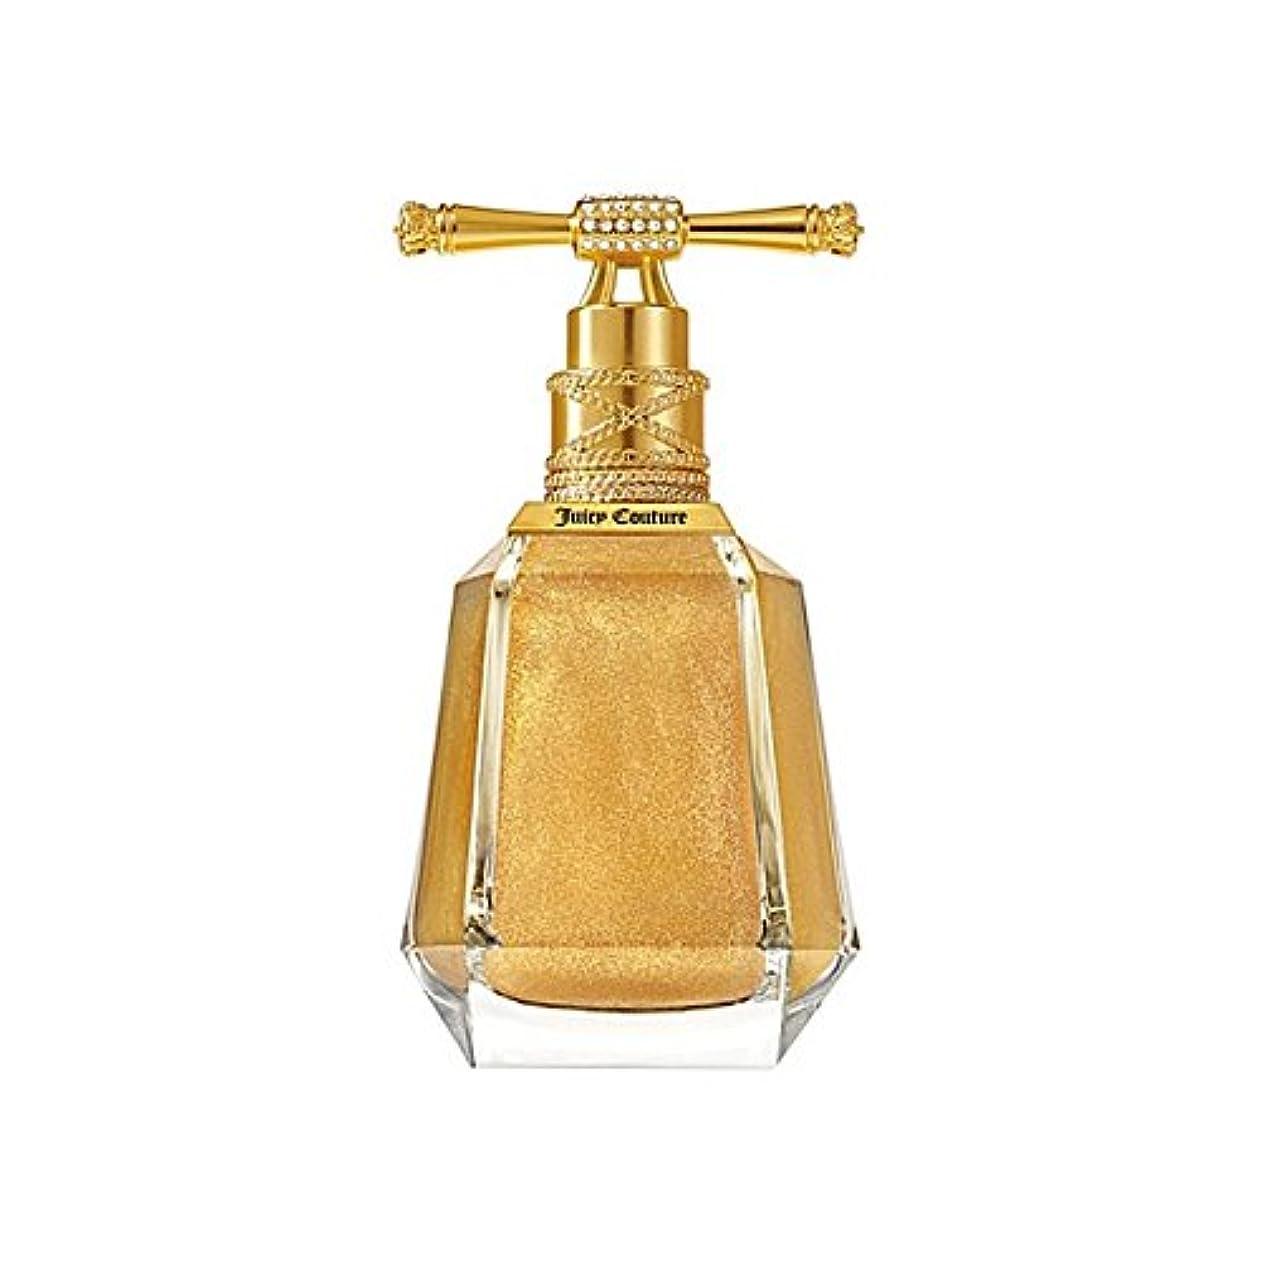 シャンプー考案する居住者ジューシークチュールドライオイルきらめきミスト100ミリリットル x4 - Juicy Couture Dry Oil Shimmer Mist 100ml (Pack of 4) [並行輸入品]